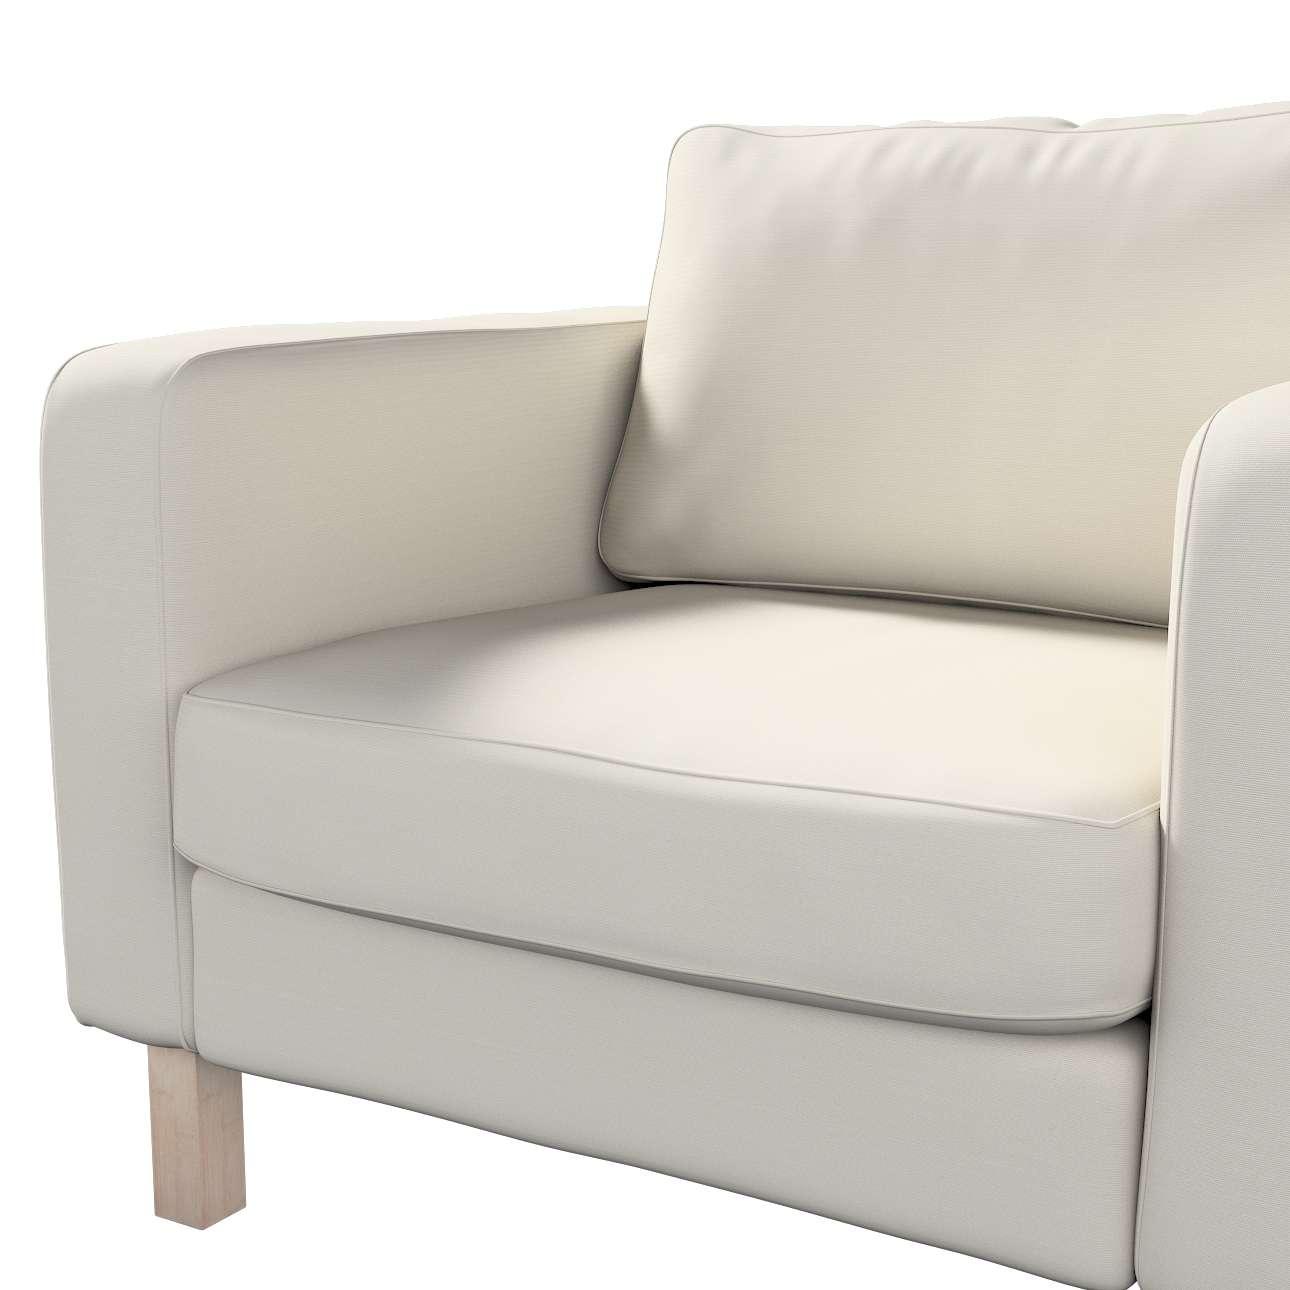 Pokrowiec na fotel Karlstad, krótki w kolekcji Cotton Panama, tkanina: 702-31